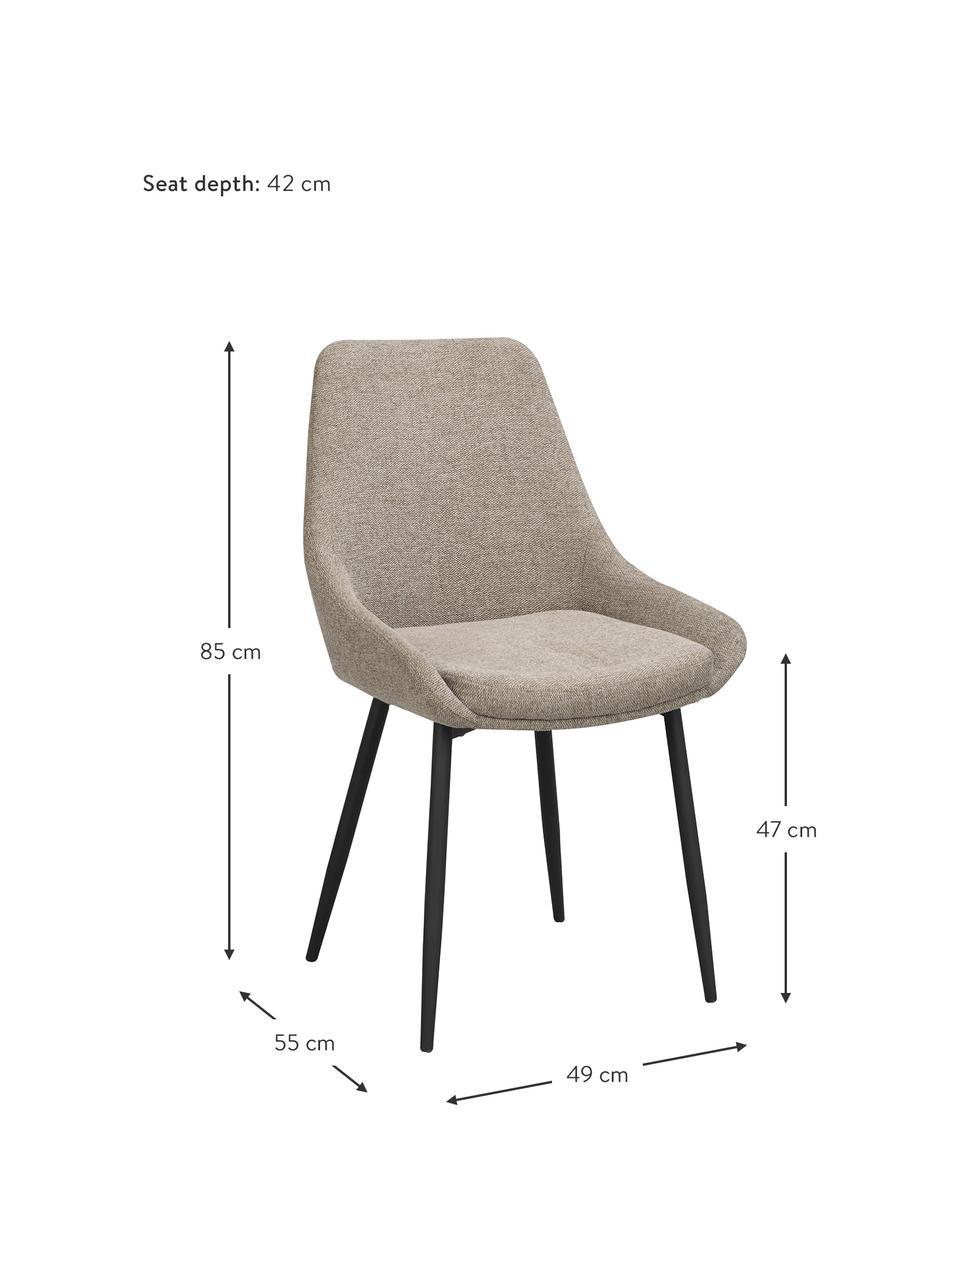 Polsterstühle Sierra in Beige, 2 Stück, Bezug: 100% Polyester, Beine: Metall, pulverbeschichtet, Webstoff Beige, B 49 x T 55 cm